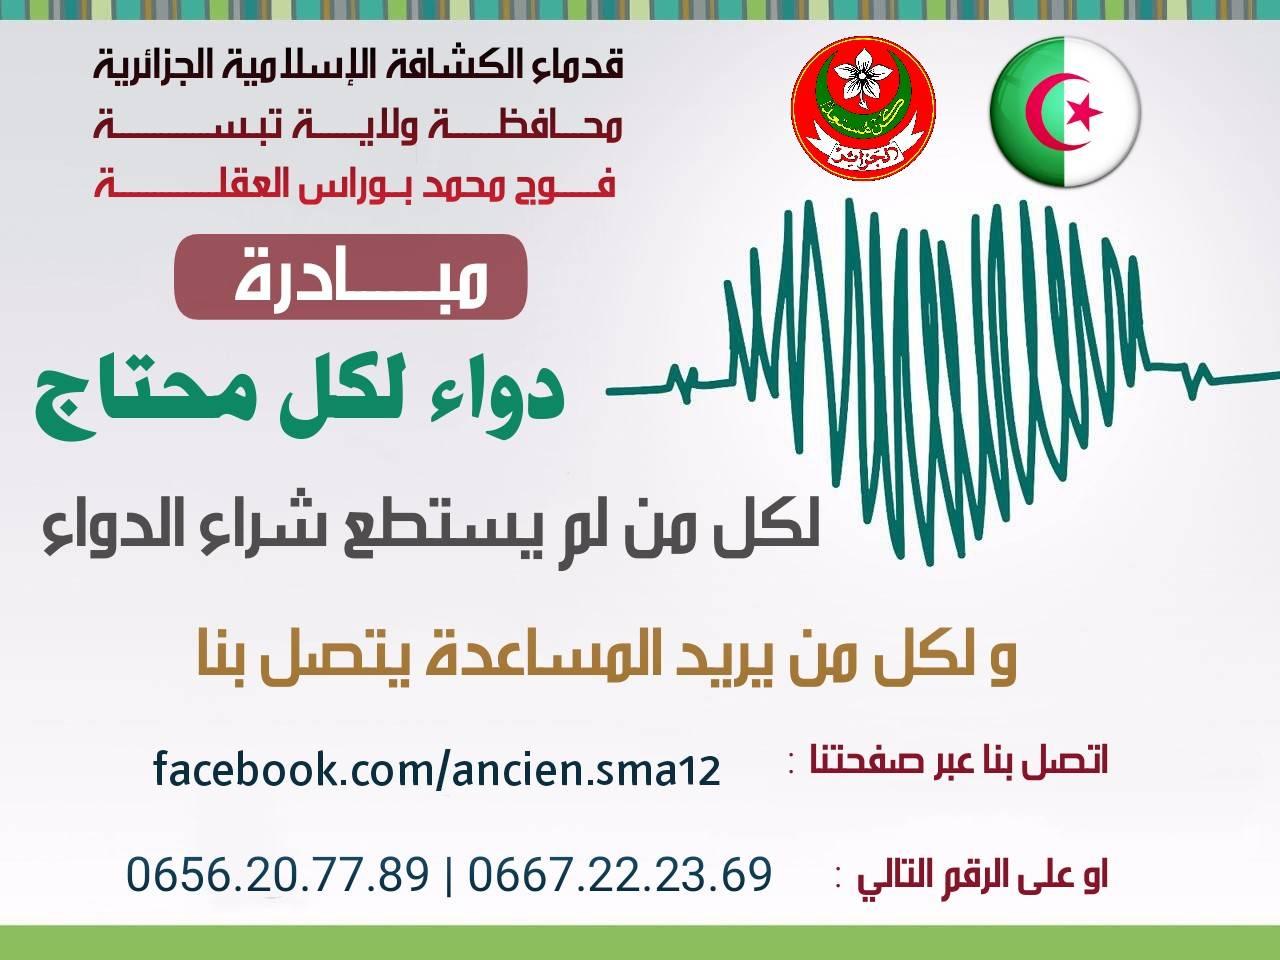 مبادرة دواء لكل محتاج  - قدماء الكشافة الاسلامية الجزائرية - فوج محمد بوراس العقلة ولاية تبسة -